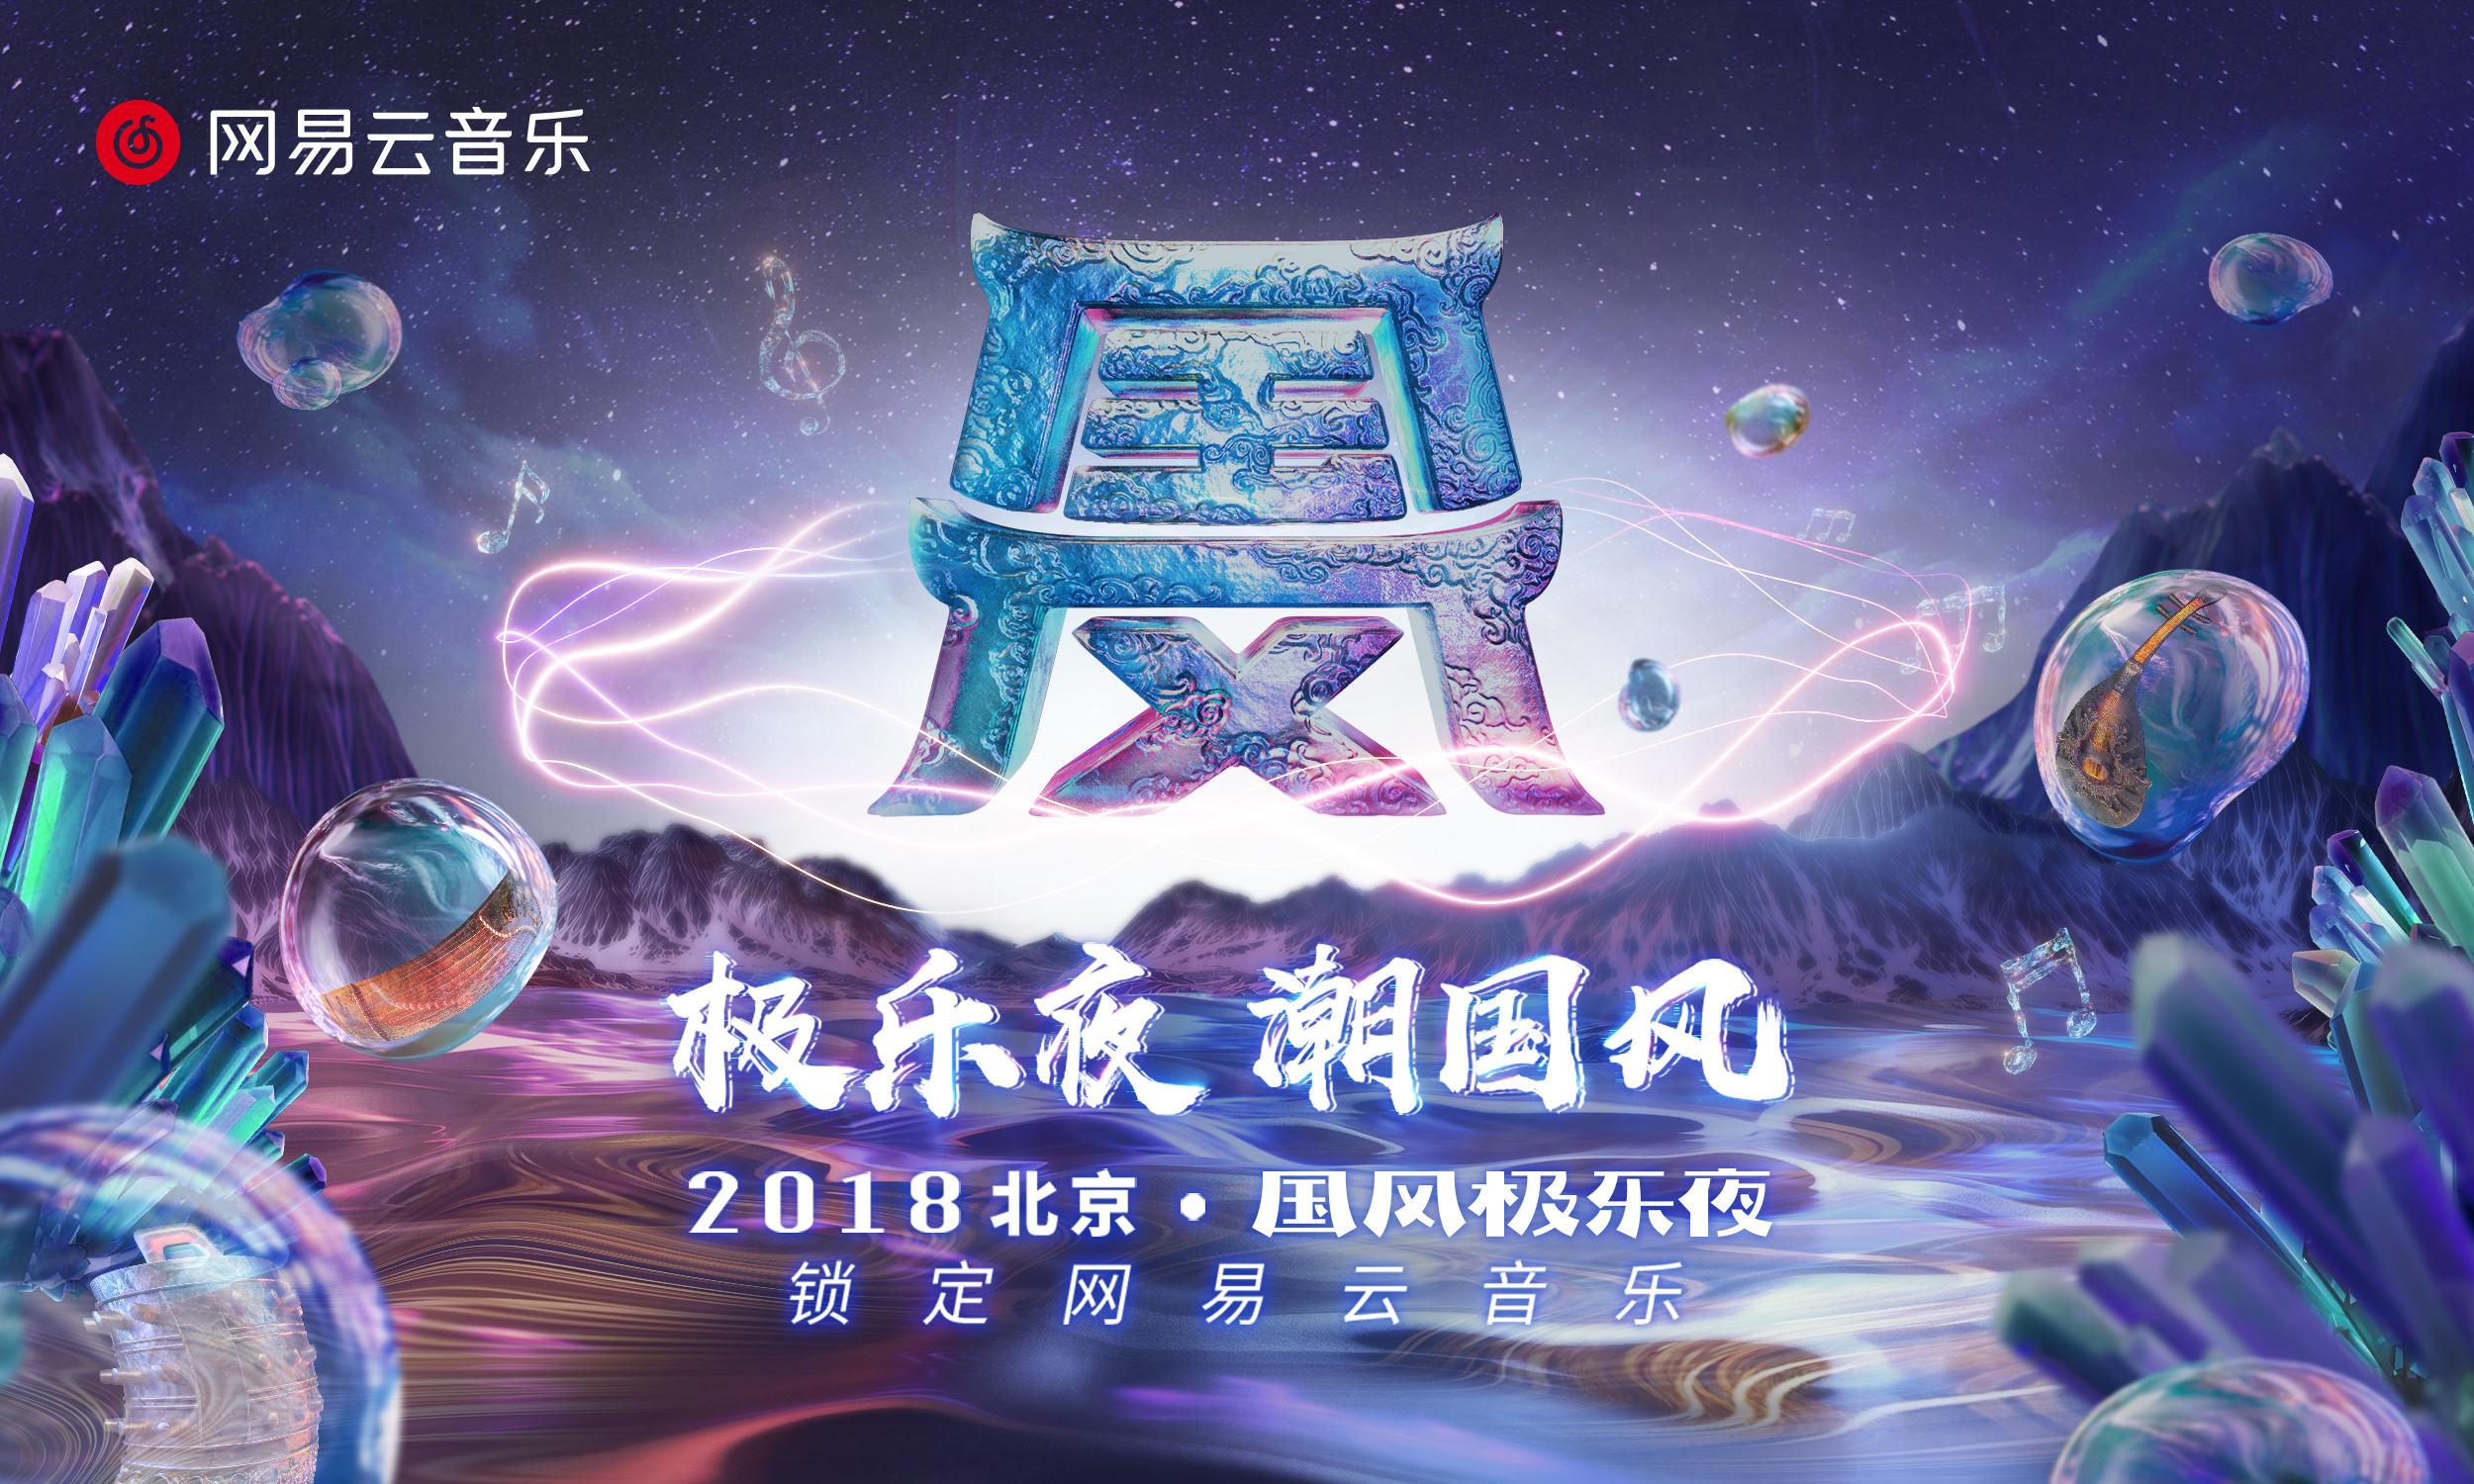 网易云音乐国风音雄池名单揭晓